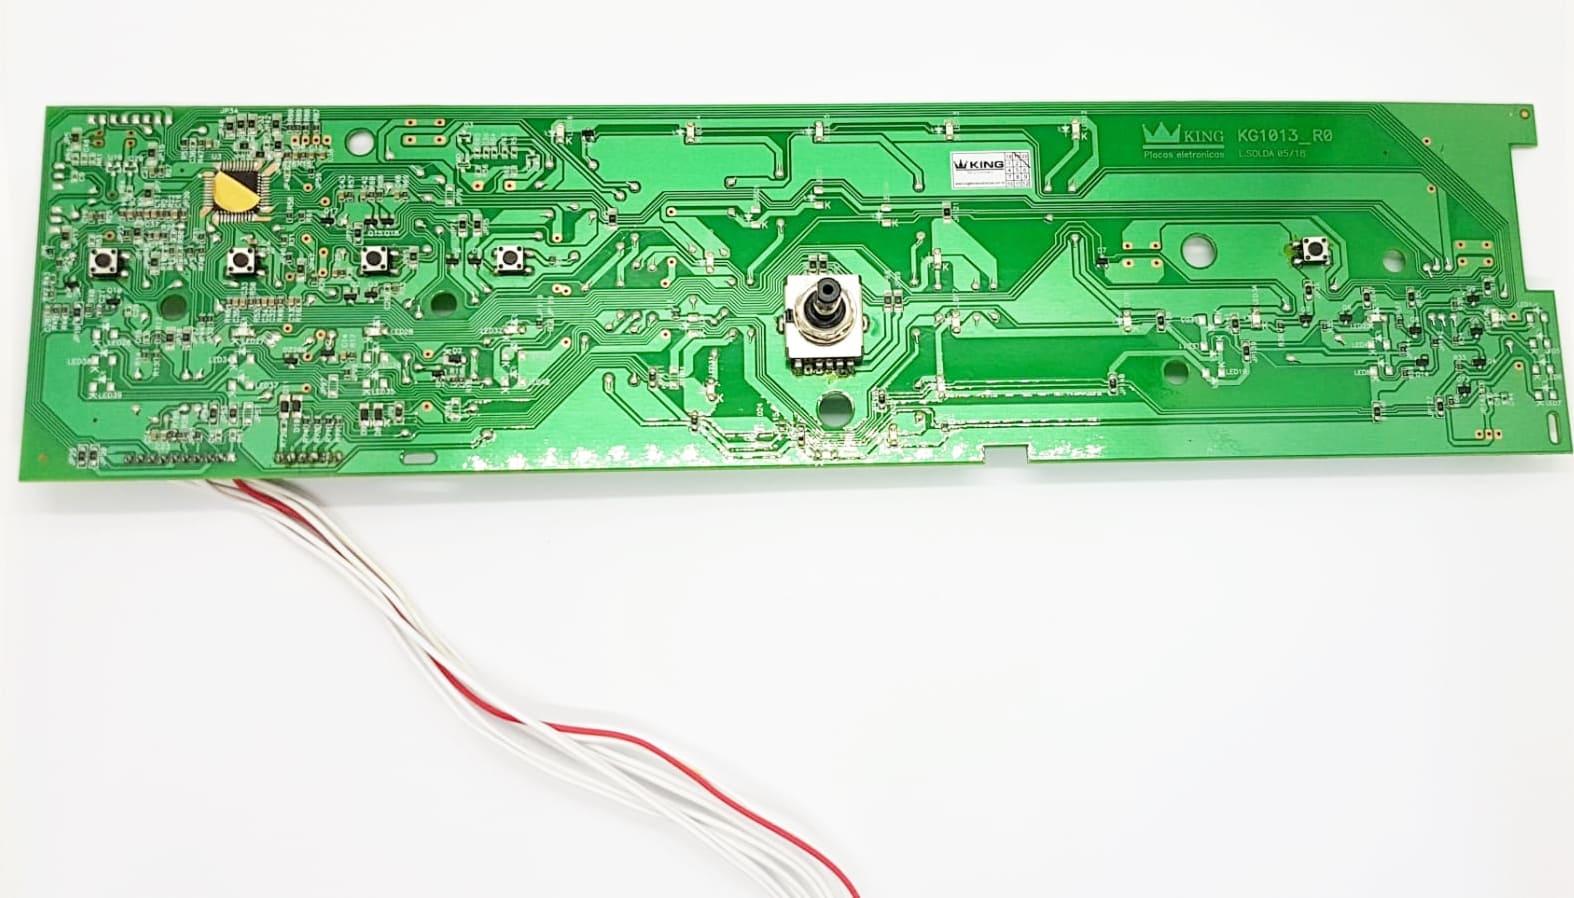 Placa Interface Compatível Lavadora Bwl11 326064442 Versão 1 - Promoção!!